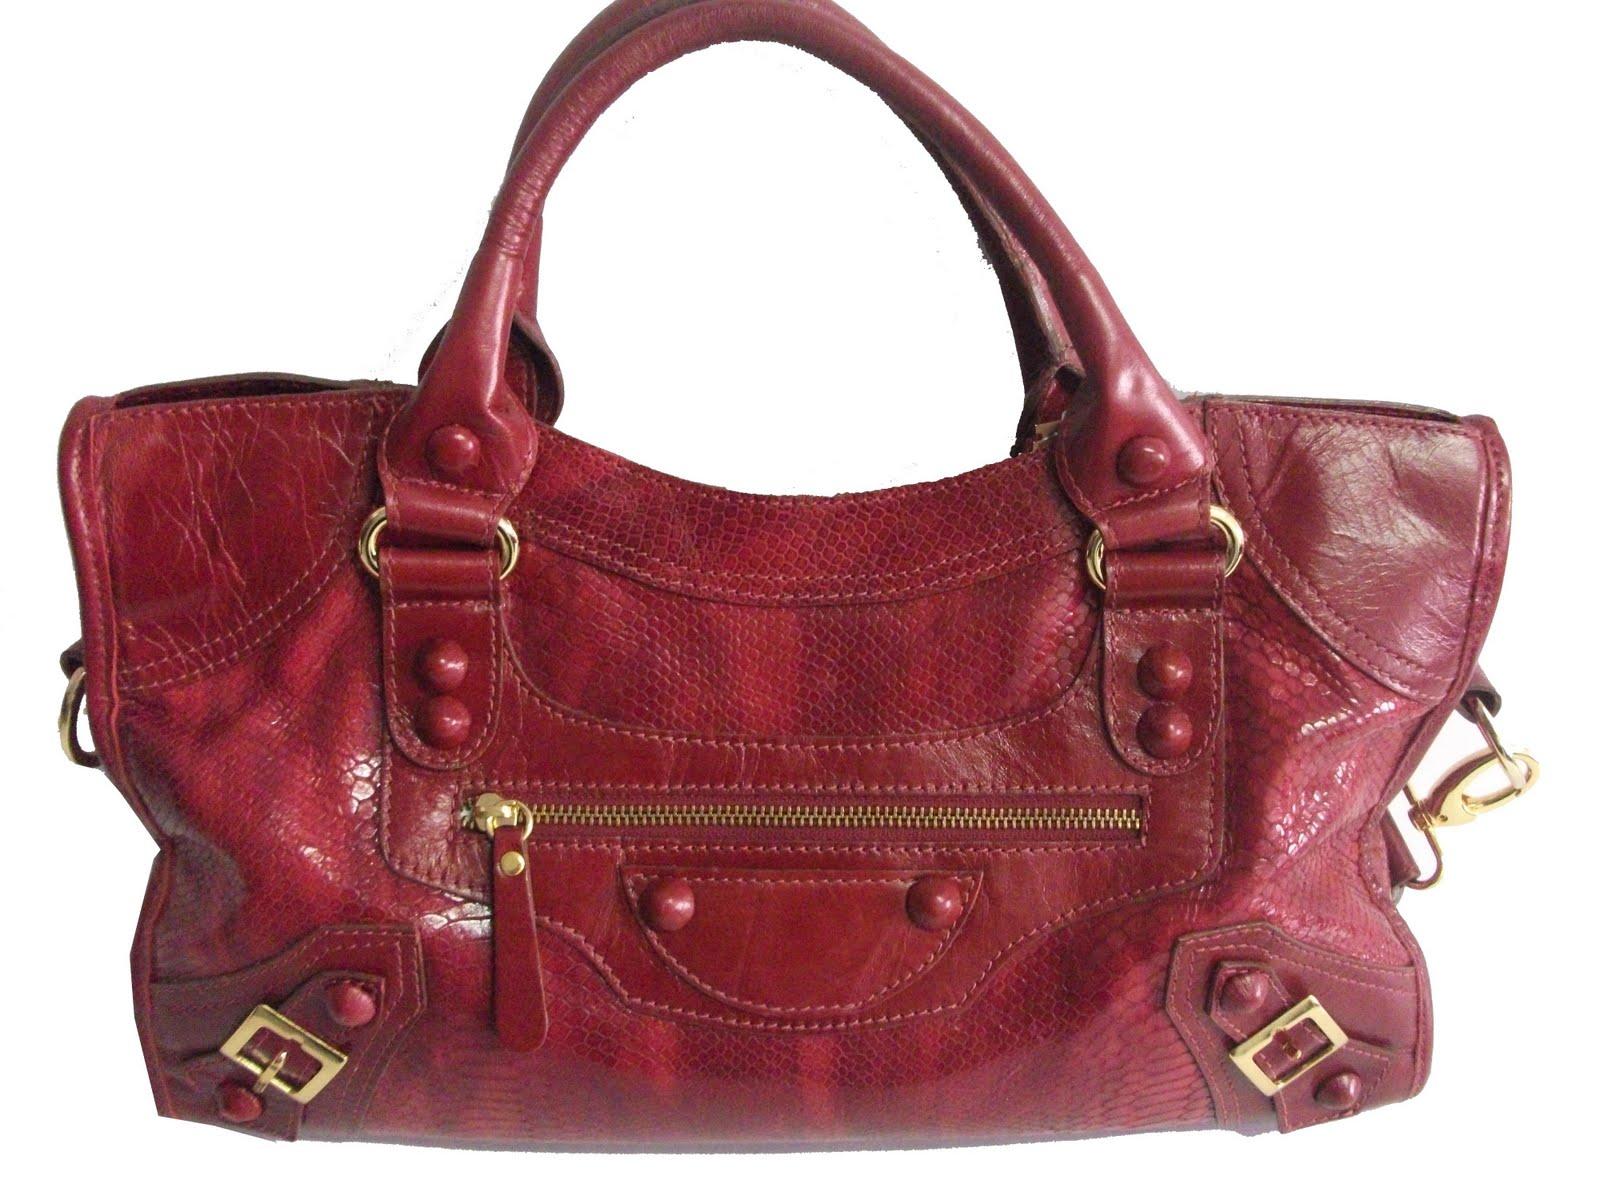 Bolsa De Couro Noite : Bolsas de couro femininas varias marcas e modelos